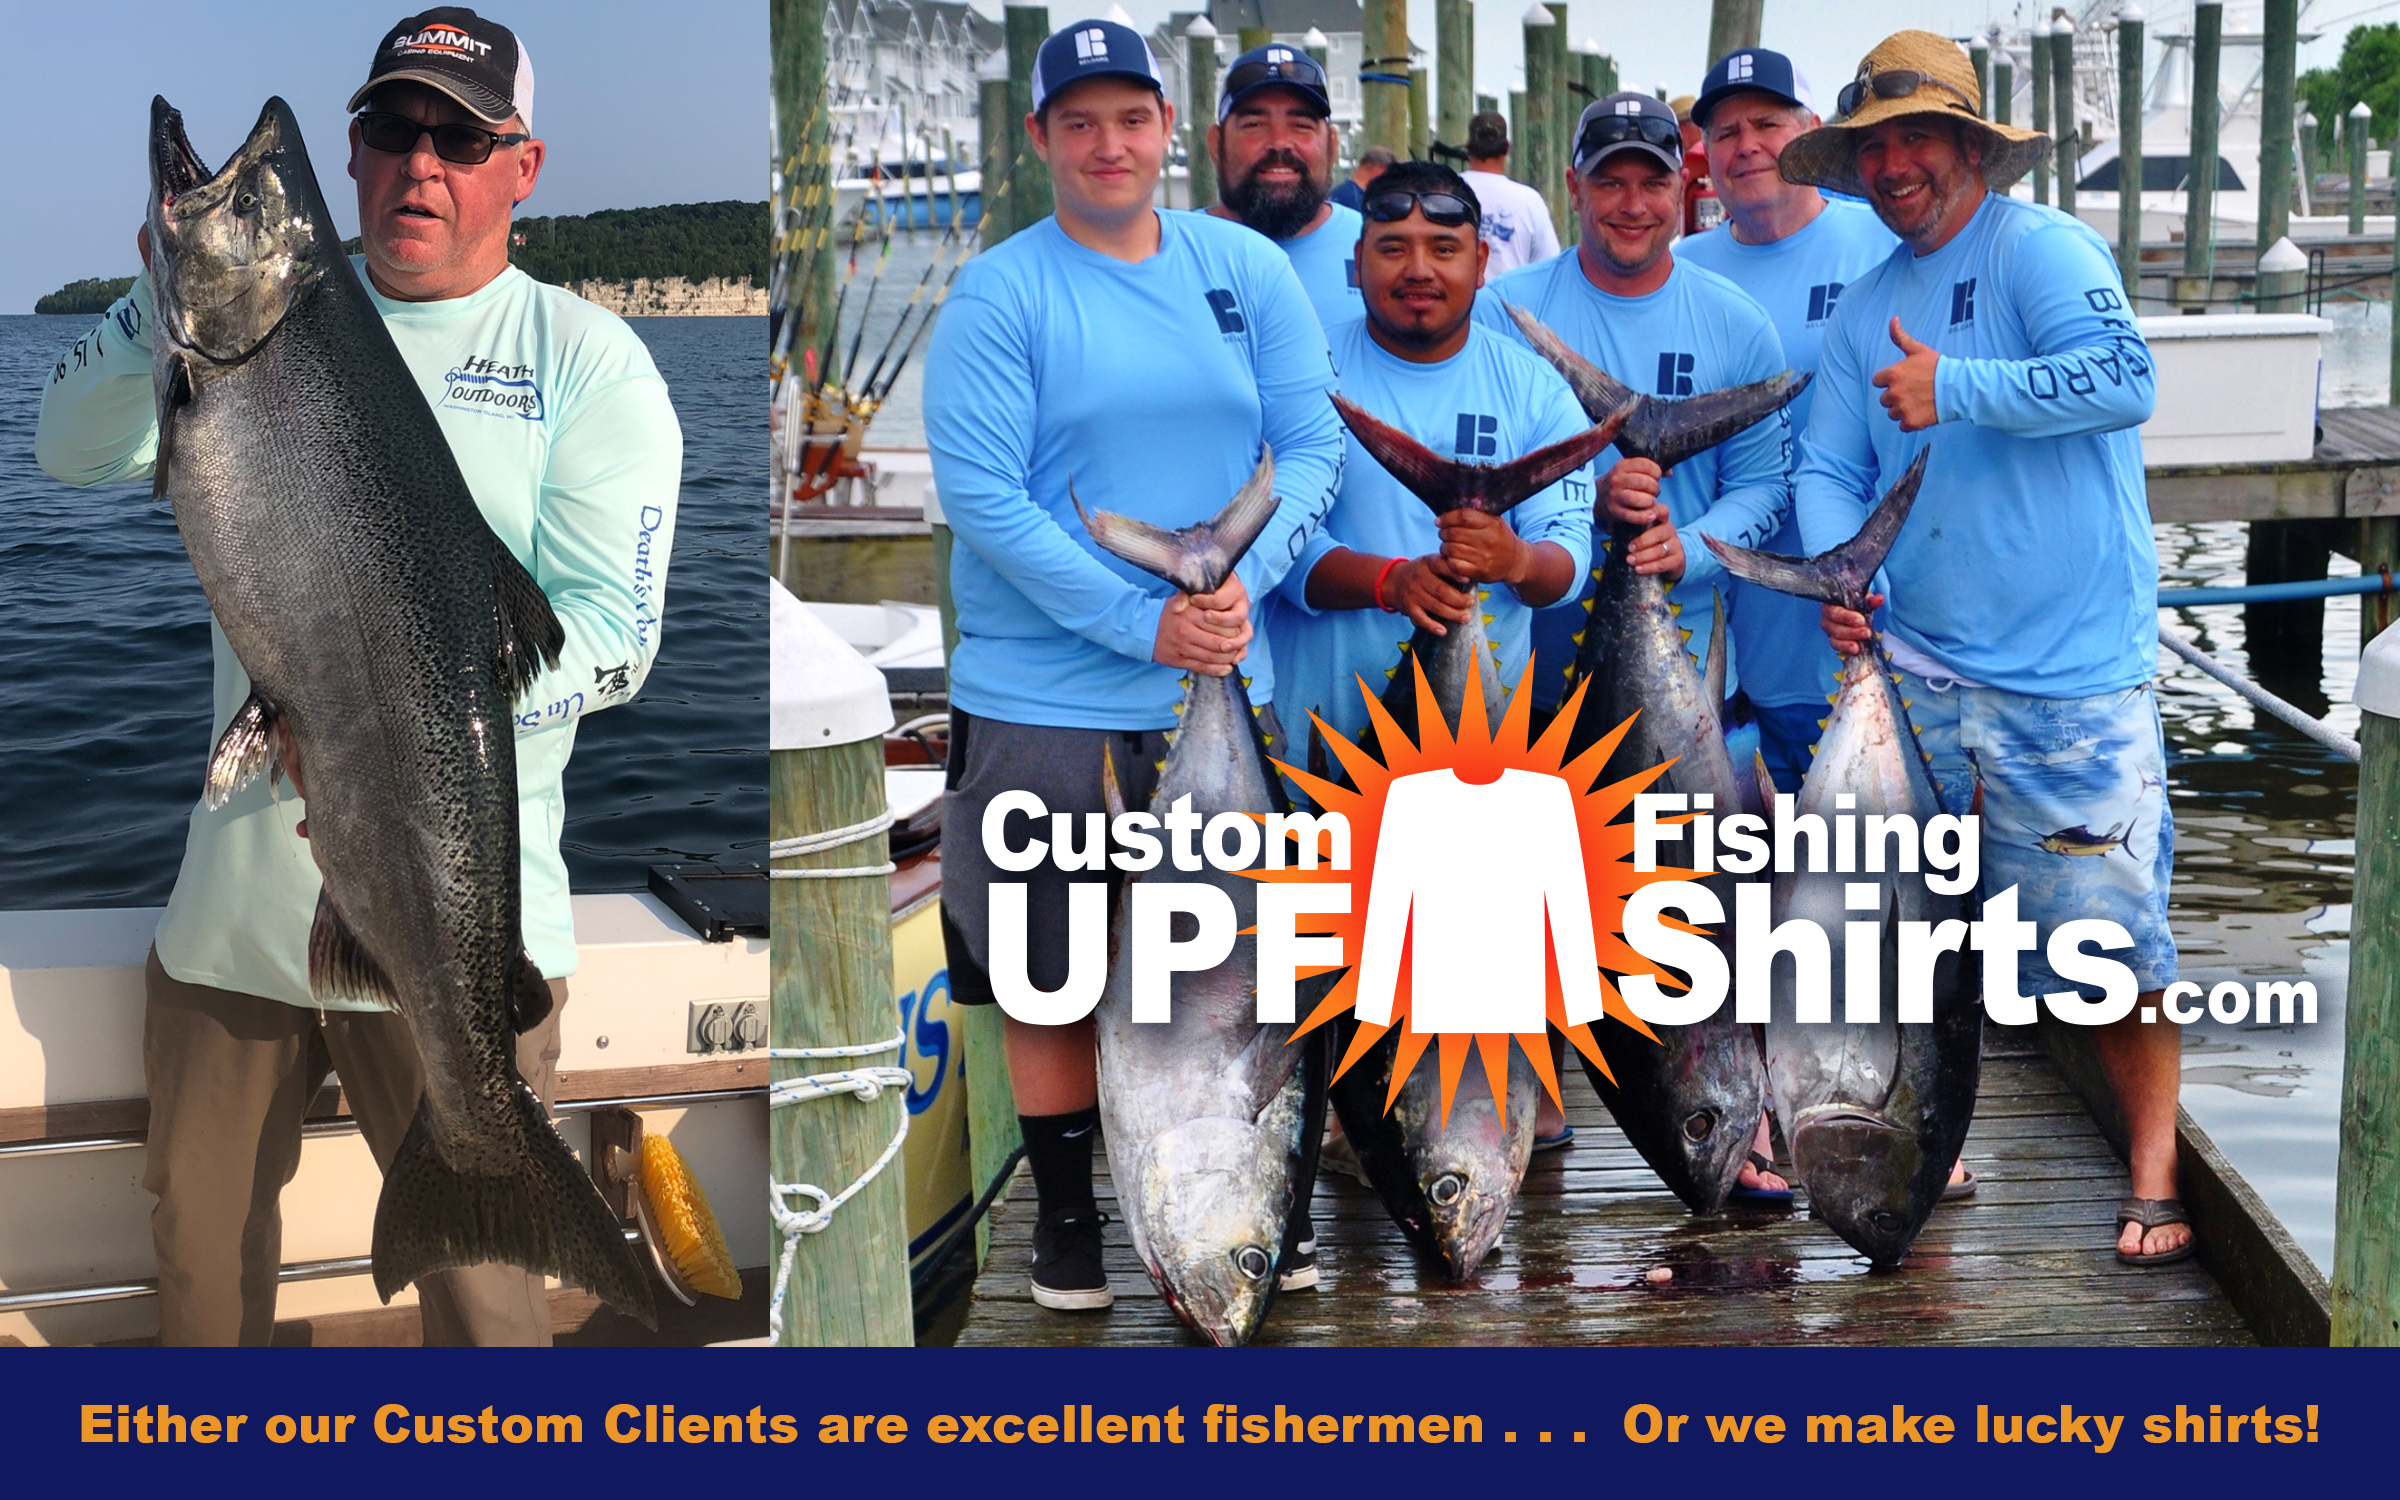 Custom-upf-fishing-shirts-home-page